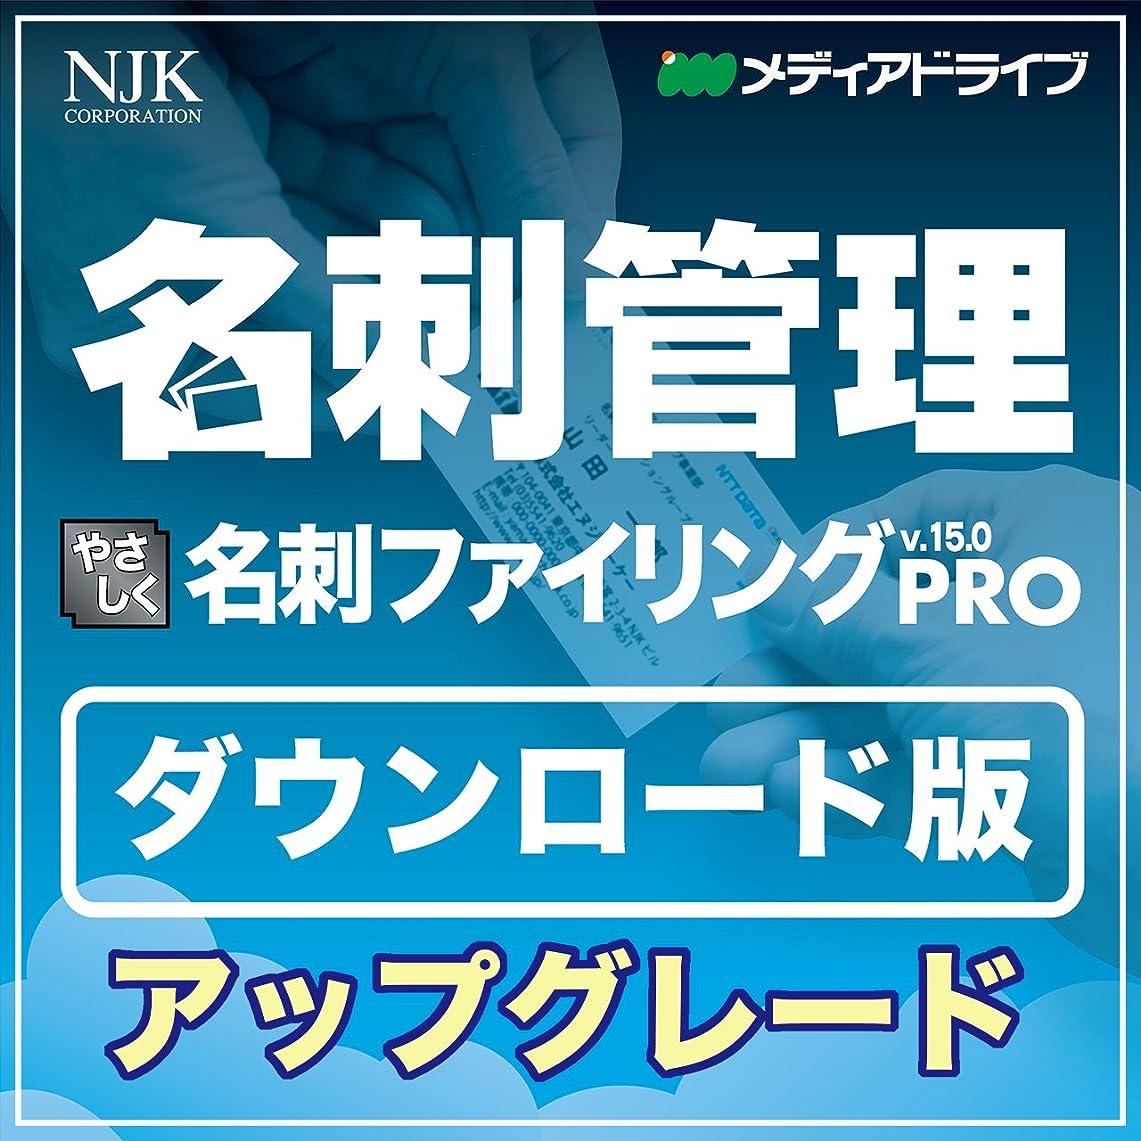 考え消去ダムやさしく名刺ファイリング PRO v.15.0 ダウンロード アップグレード版 ダウンロード版